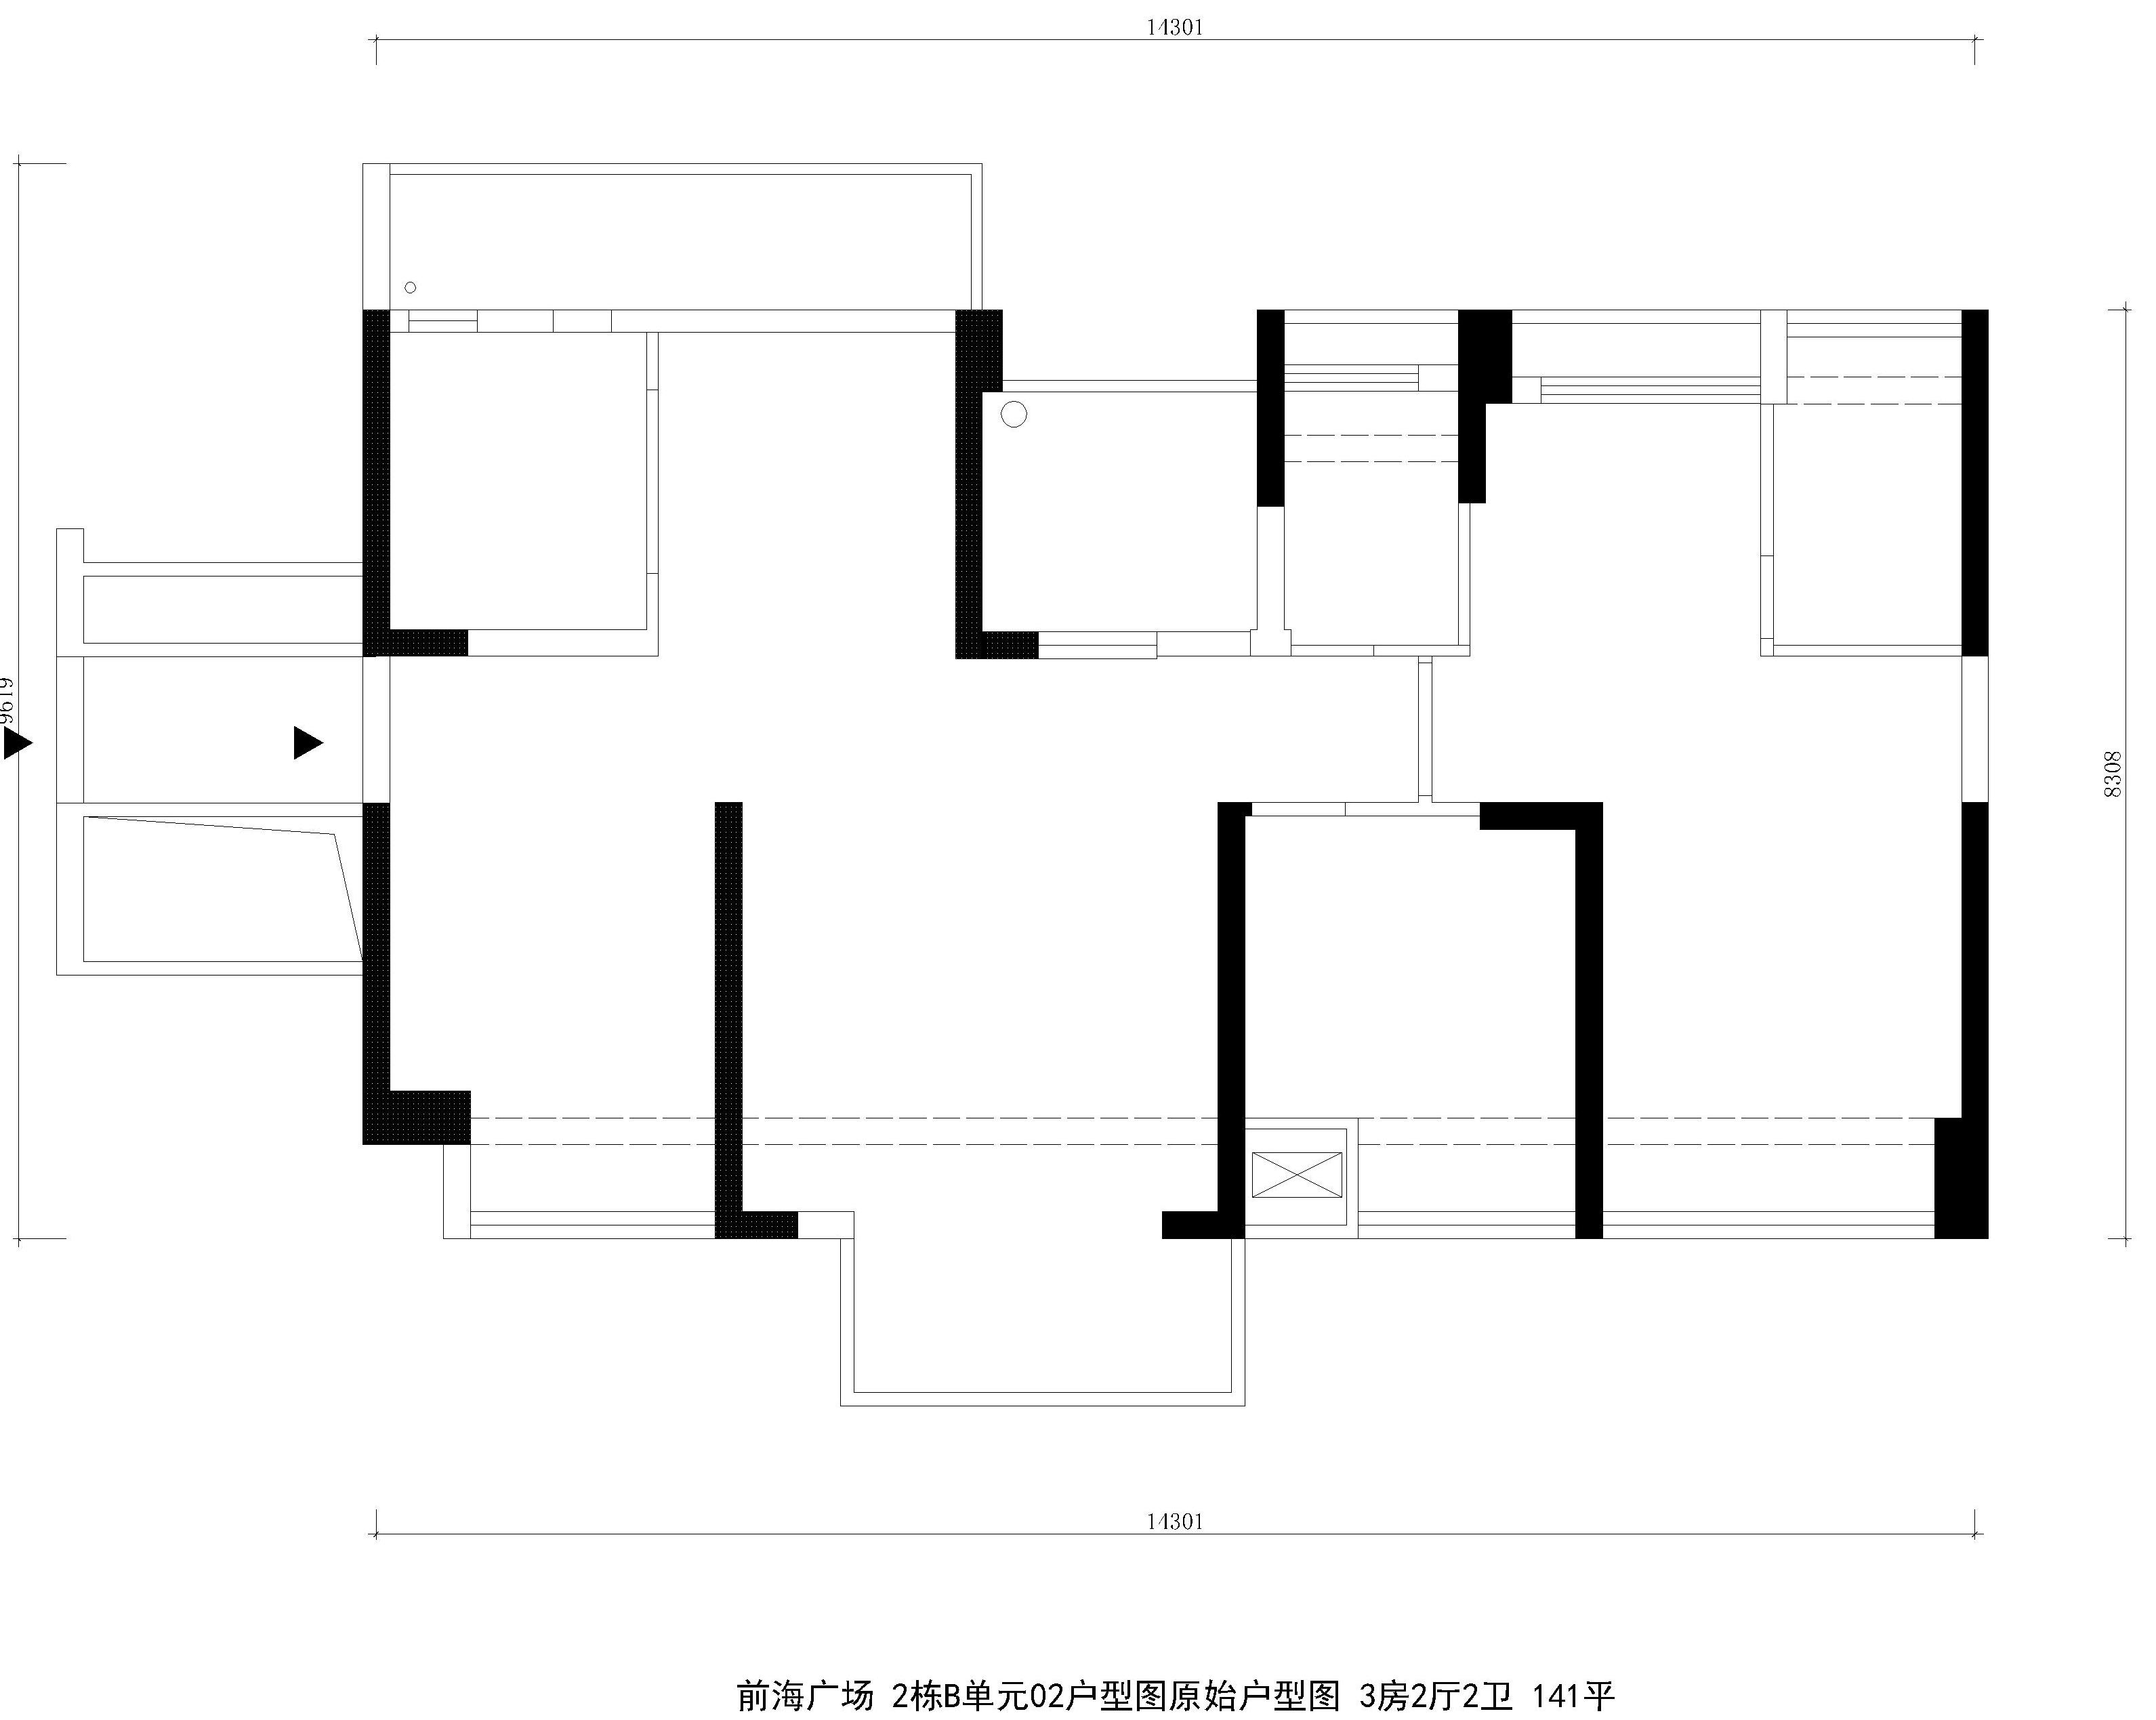 前海广场 户型图 原始结构图 好易家 装饰 装修 设计 中式风格 户型图图片来自好易家装饰集团在前海广场2栋B单元02户型图的分享